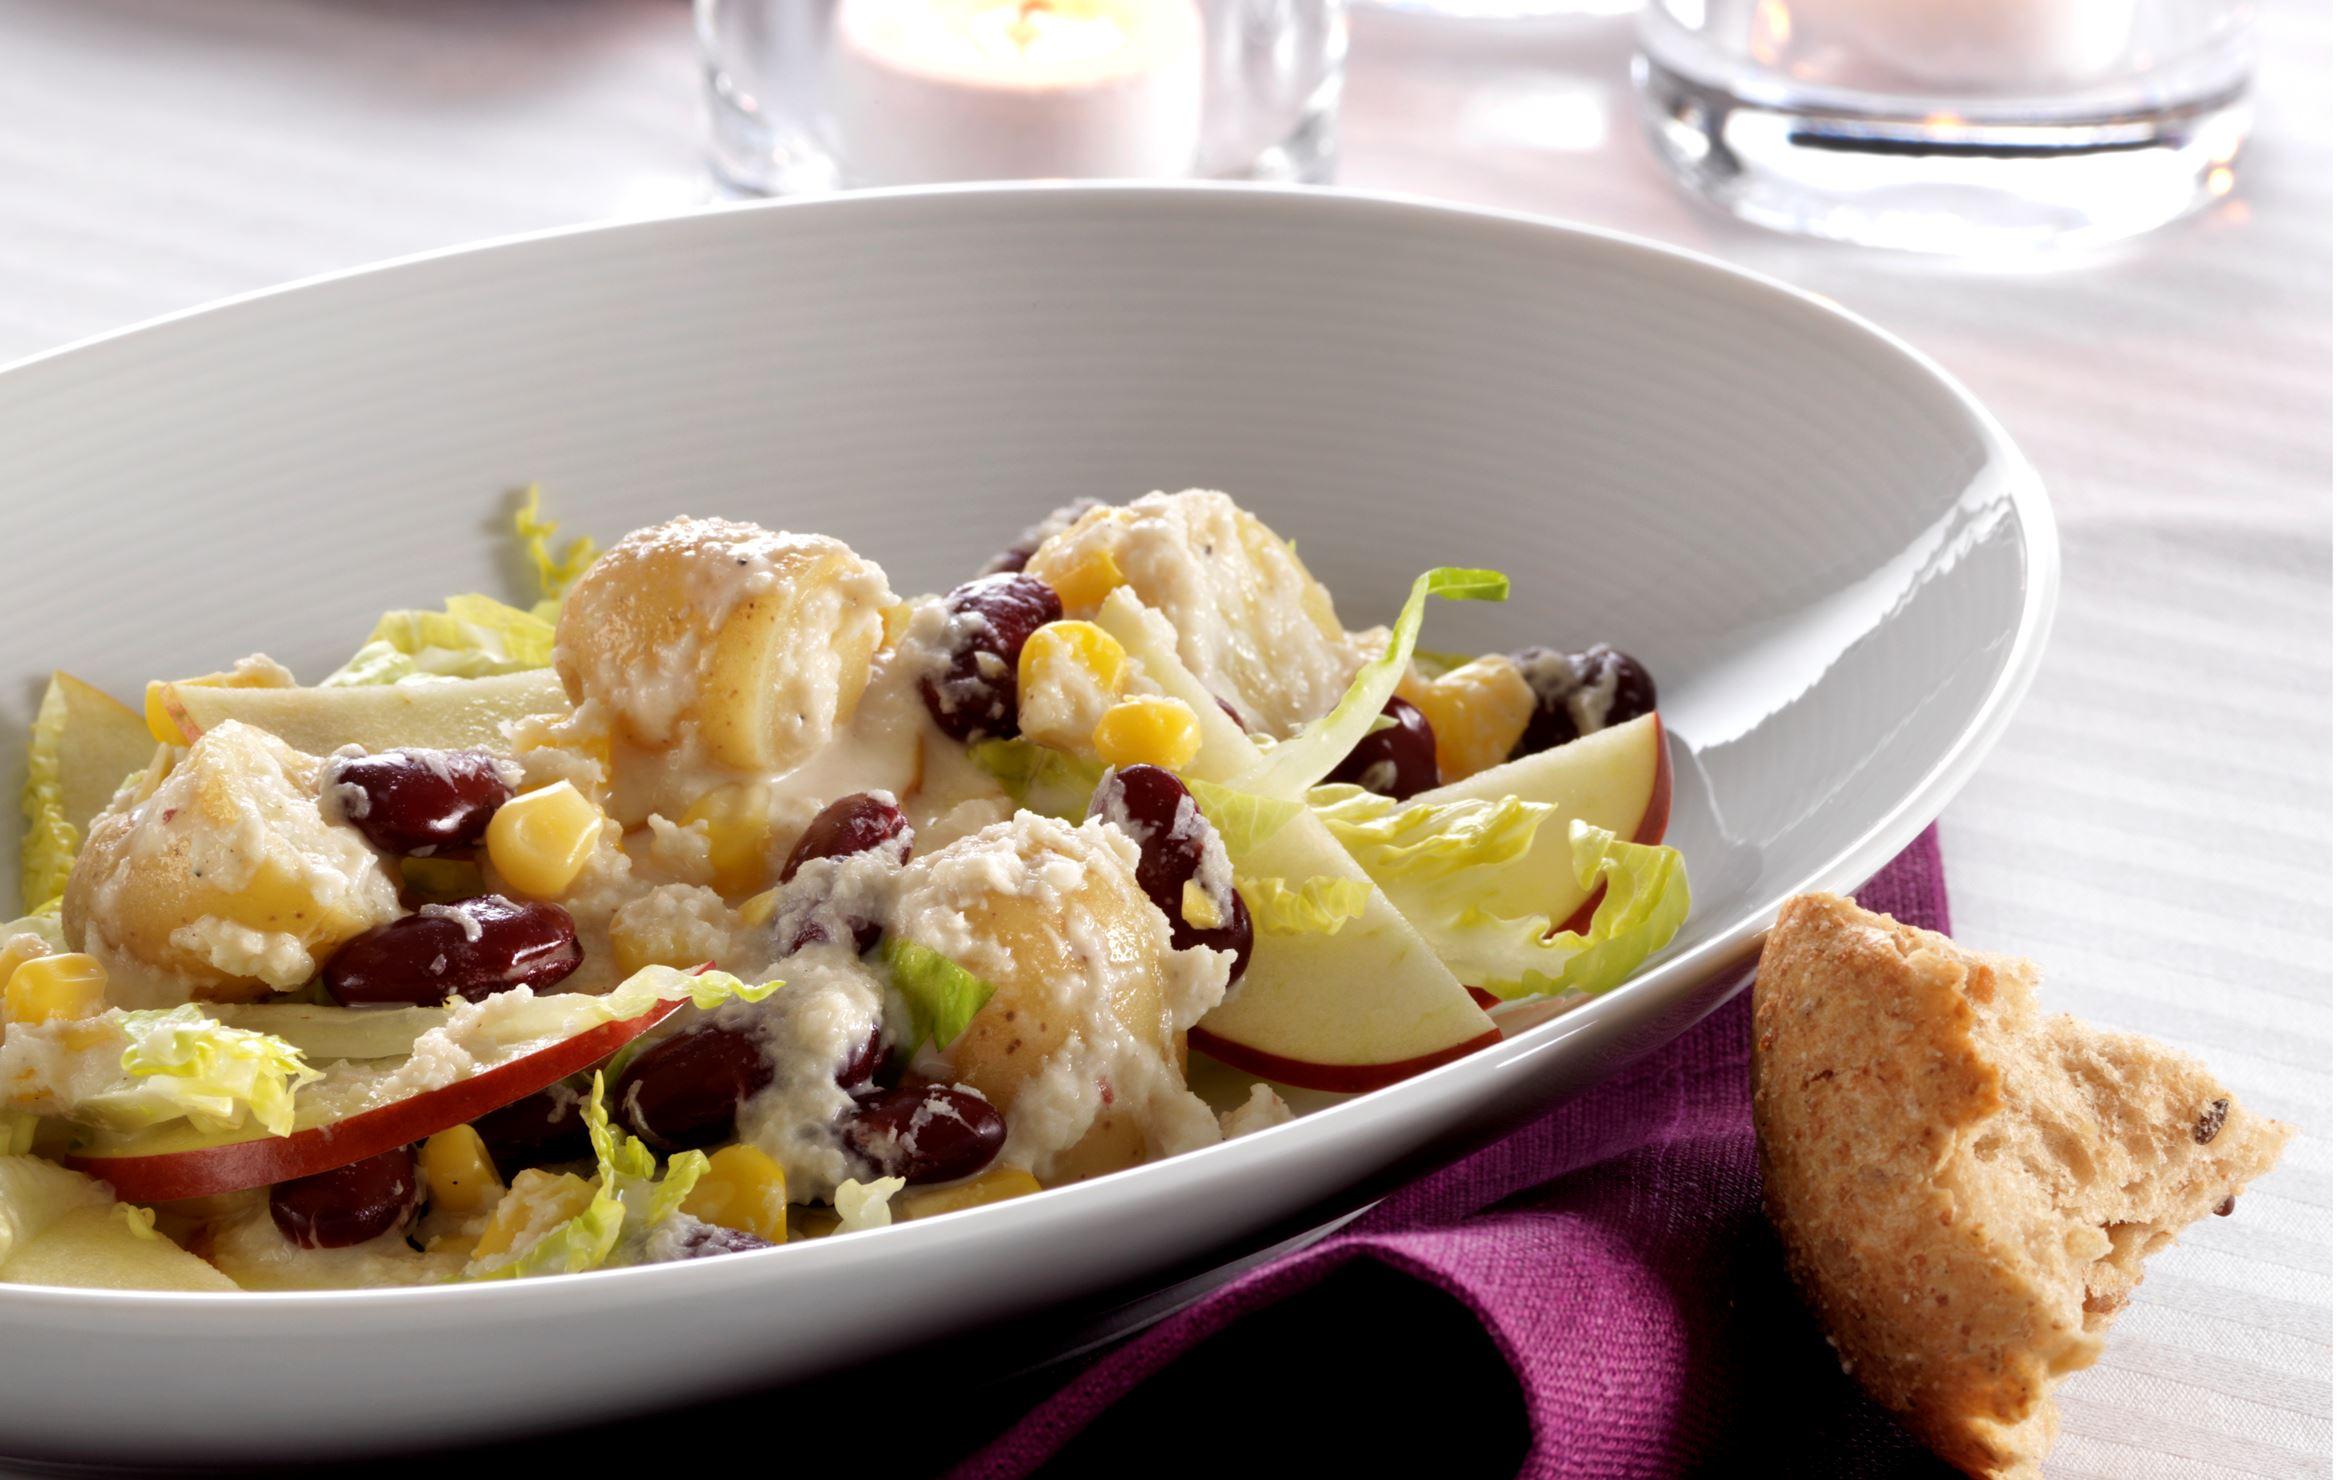 Lun salat med kartofler og æbler